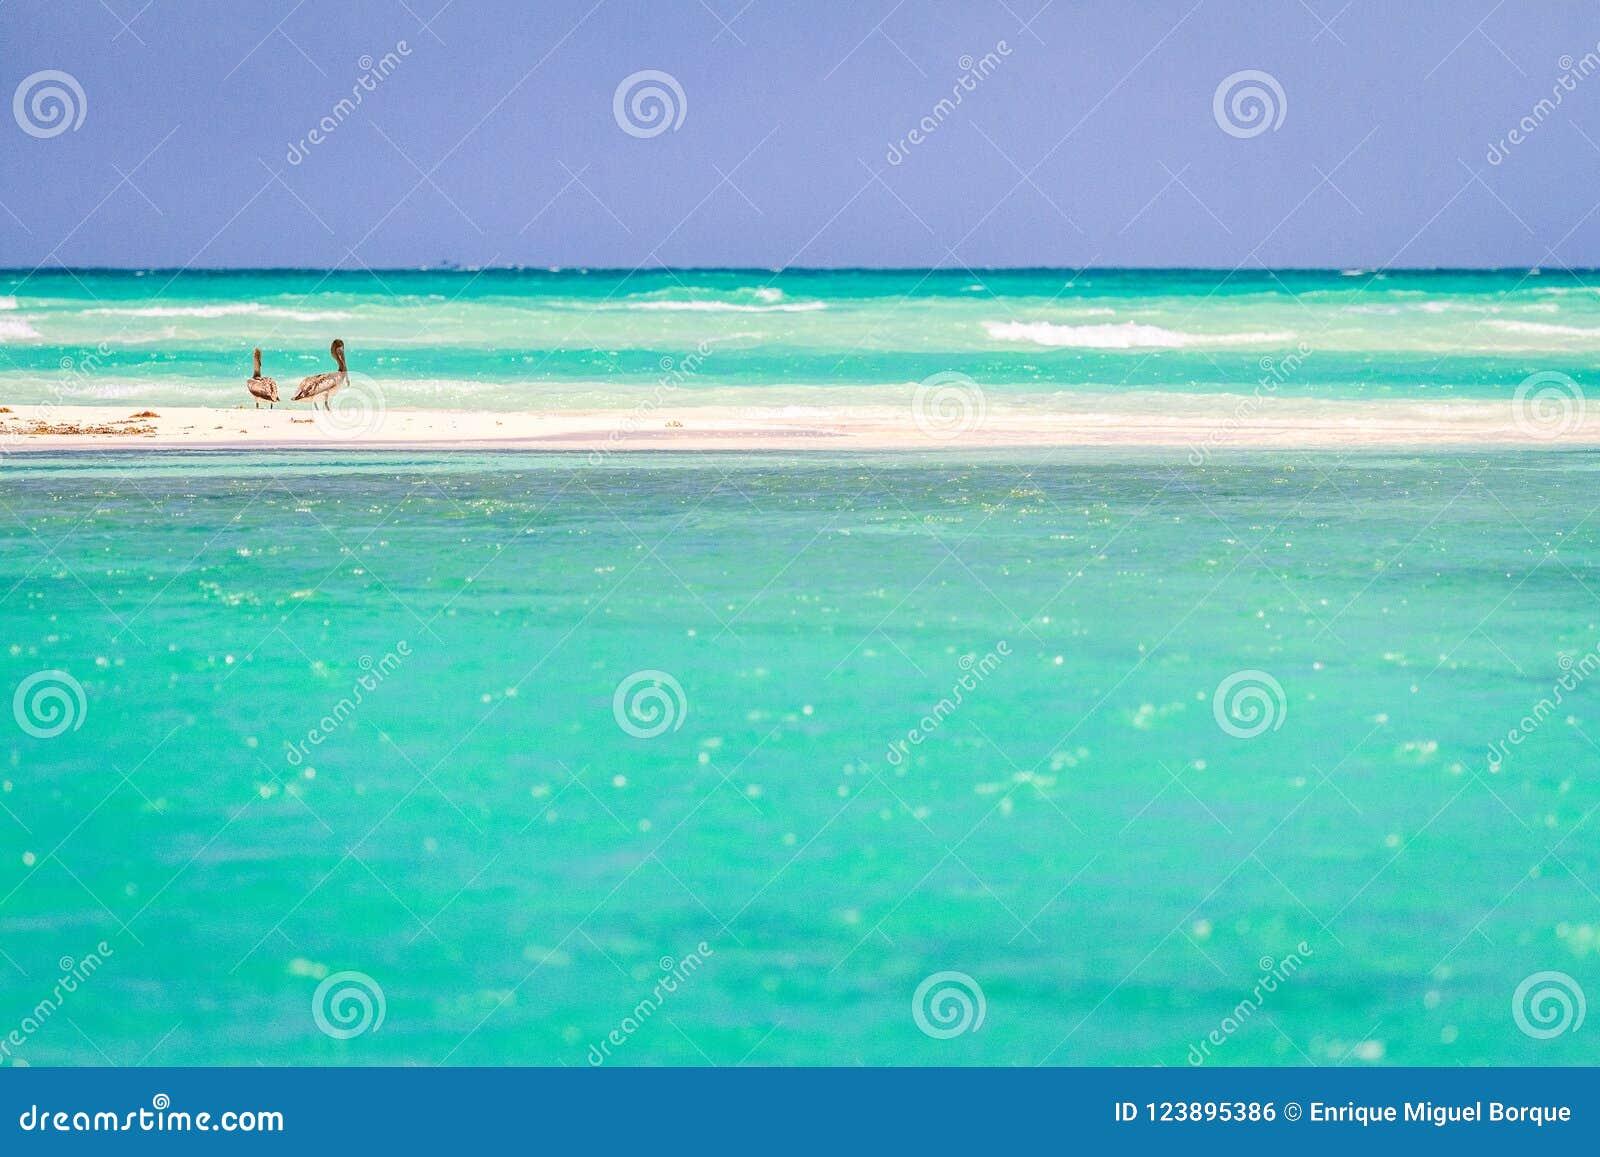 Pelícanos en la playa de México